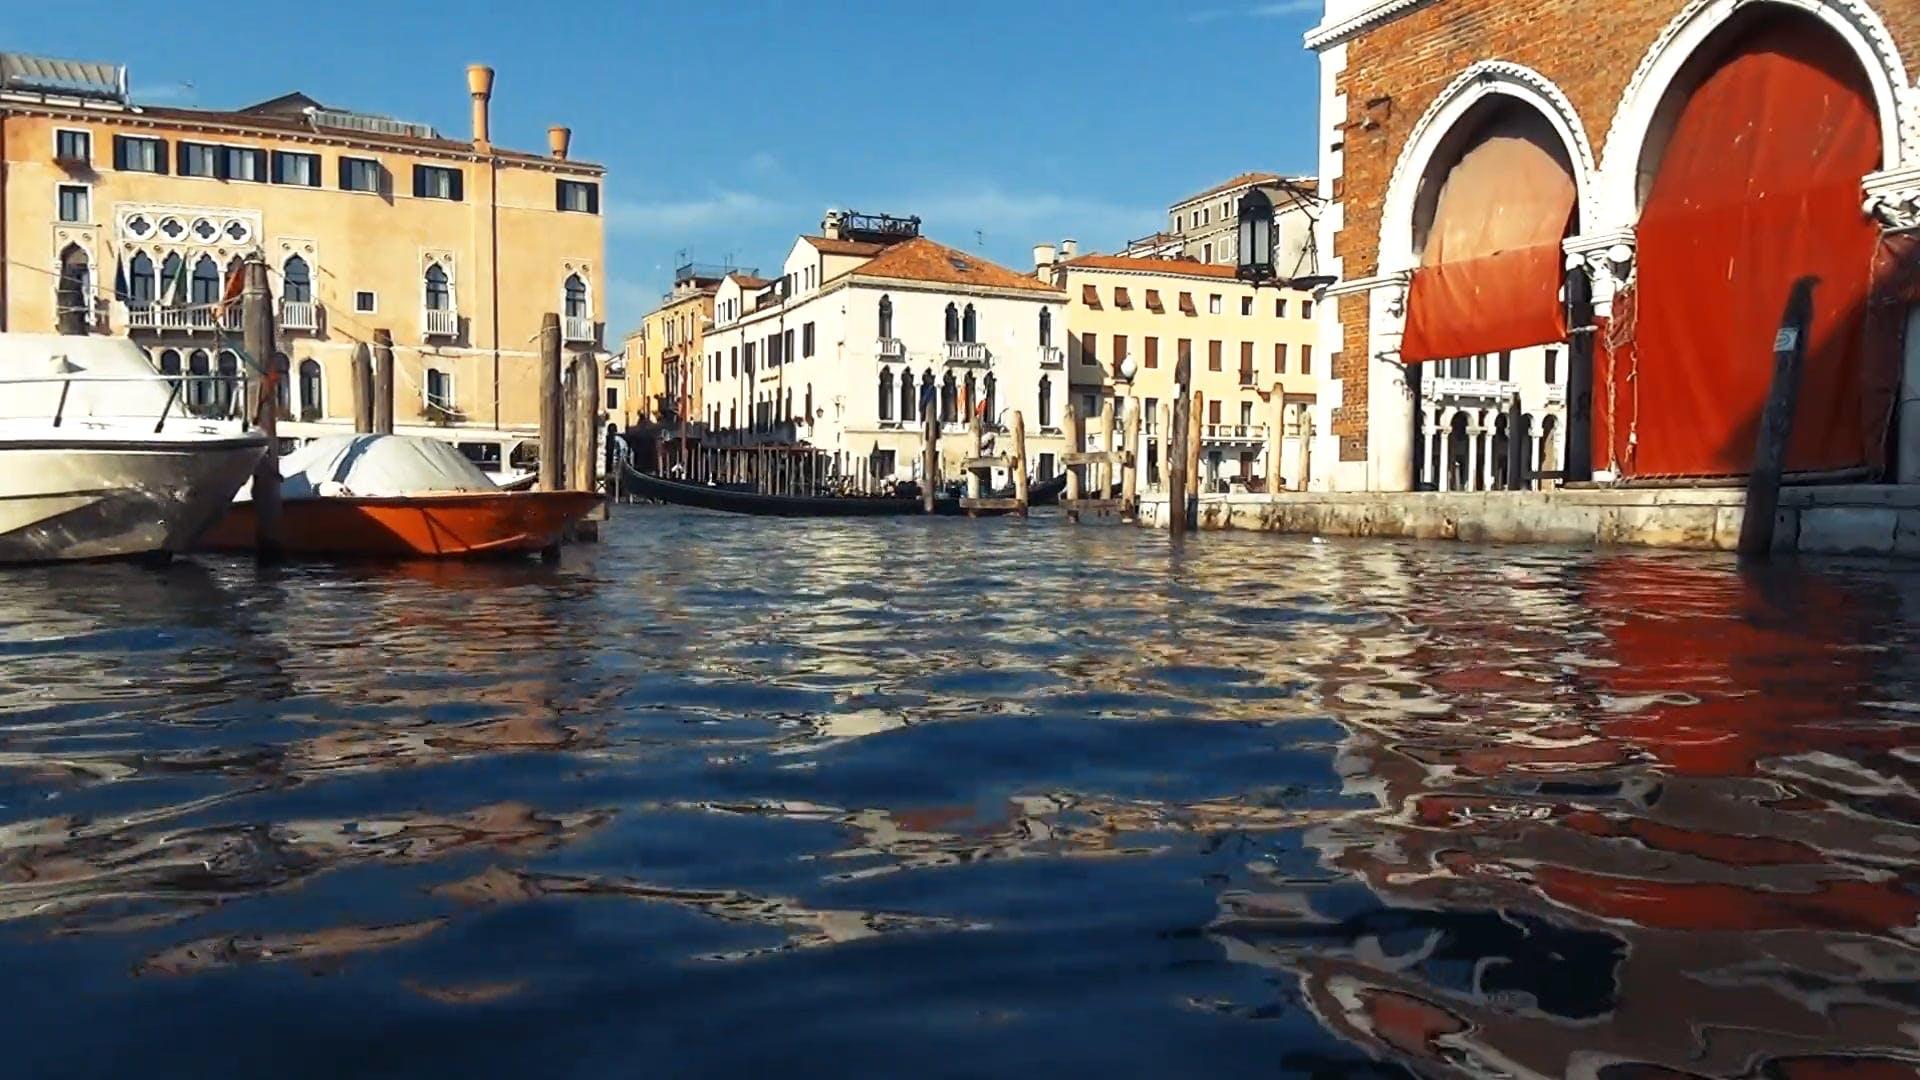 Gondola Passing By